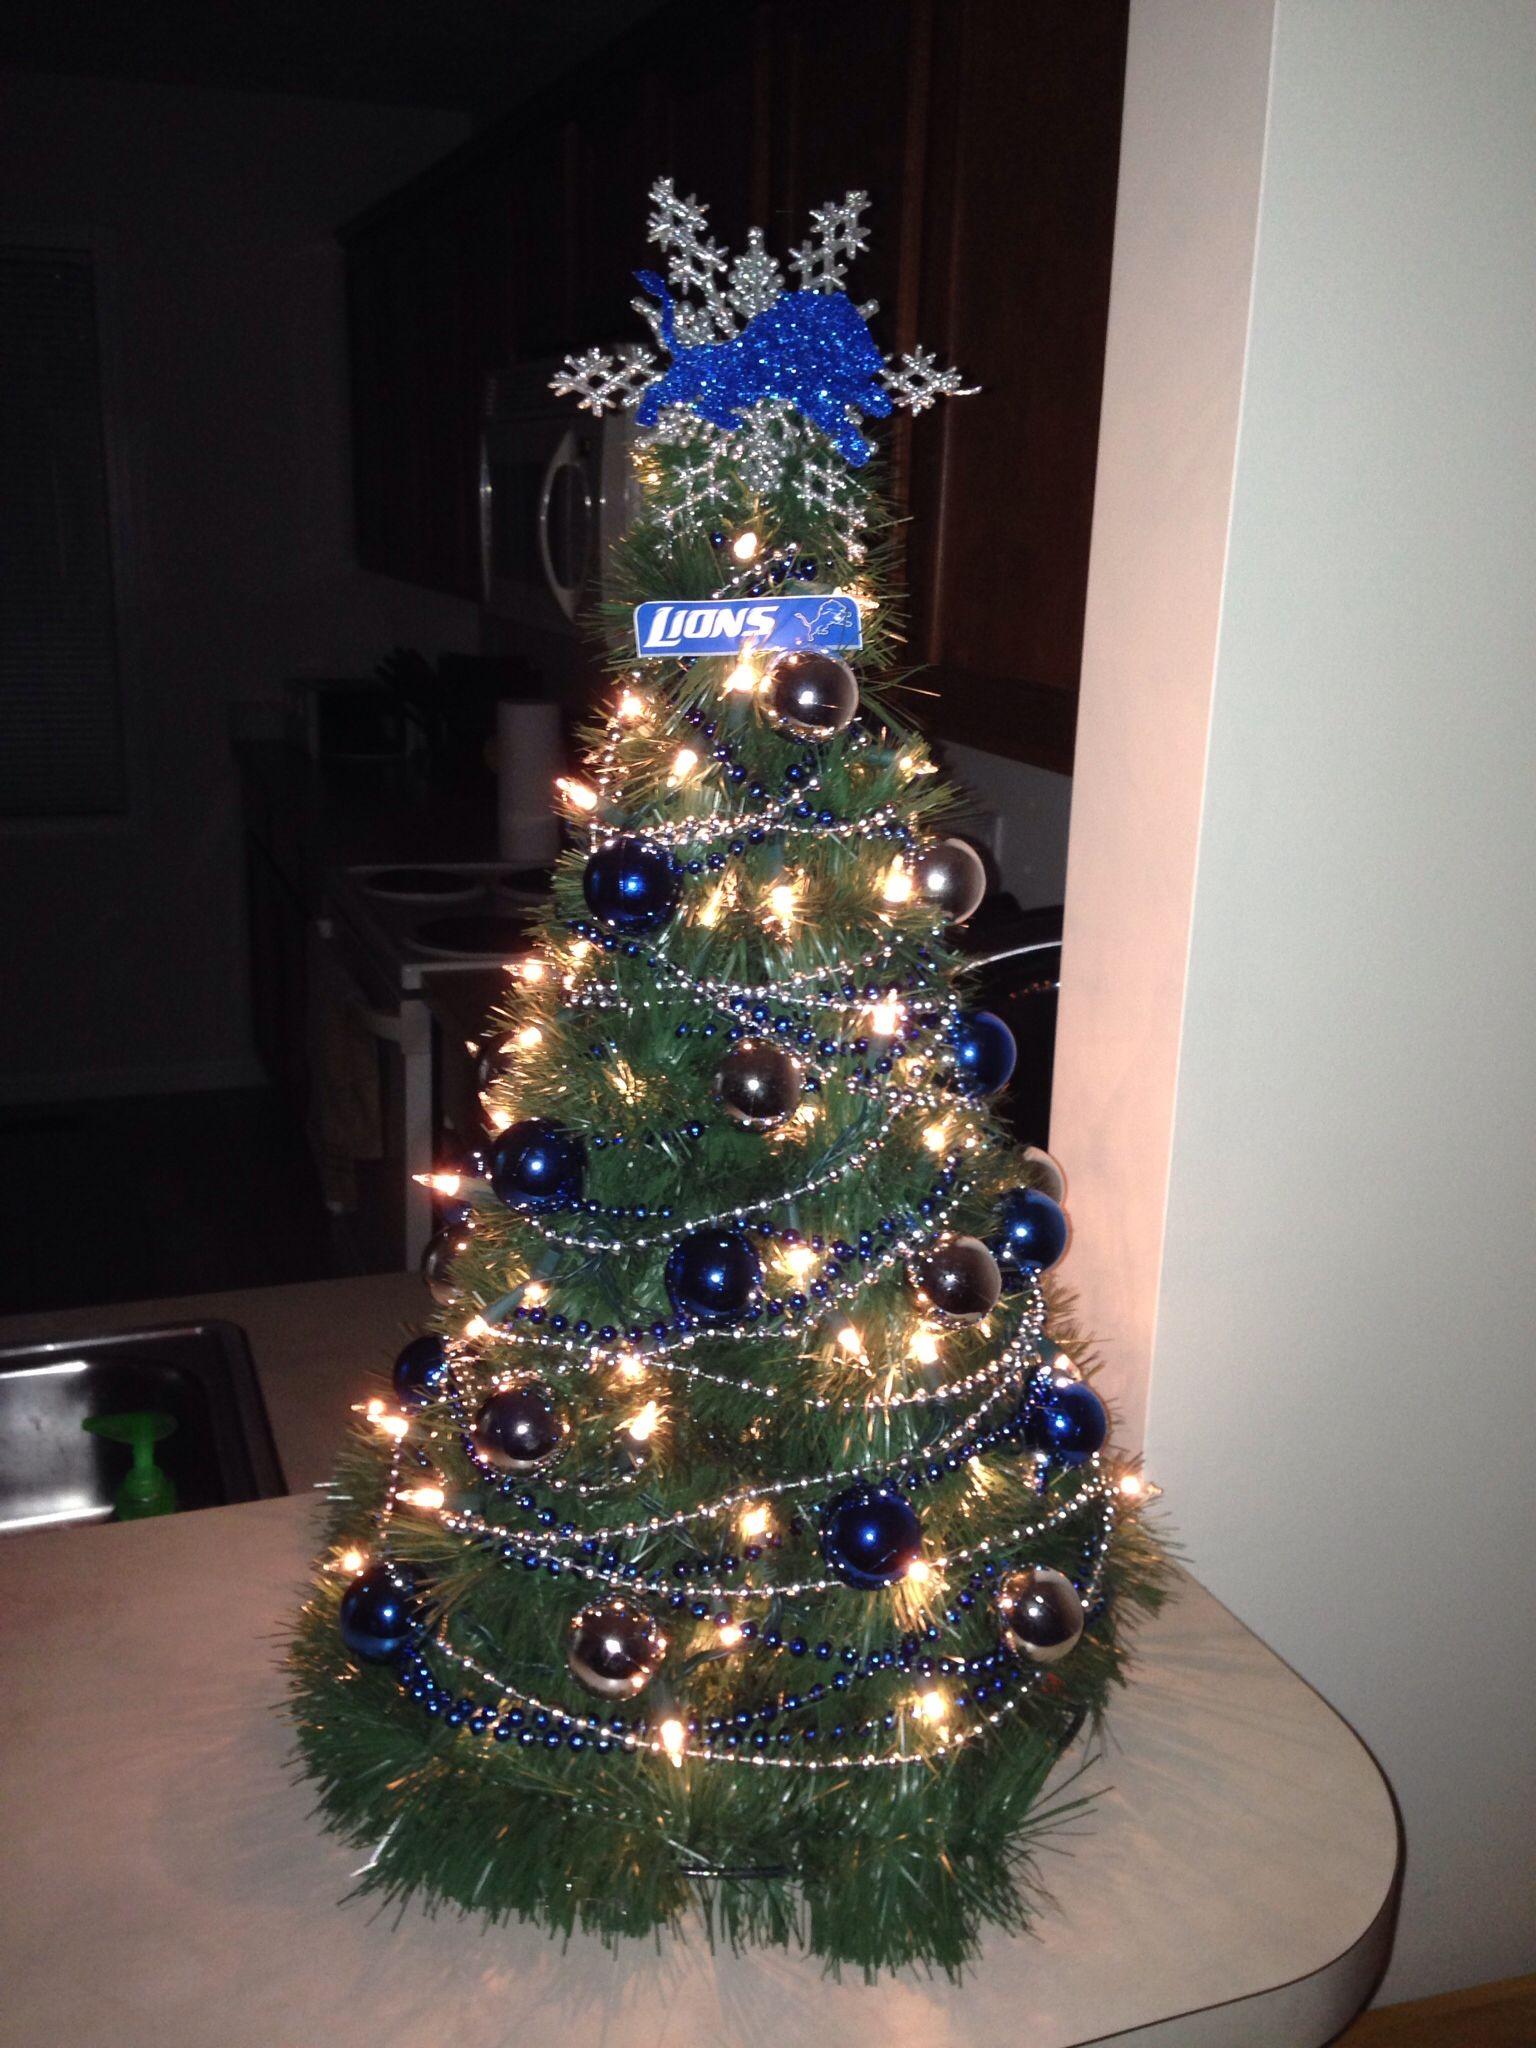 fe634db6 Detroit Lions Christmas Tree!! | Detroit Lions Christmas | Detroit ...